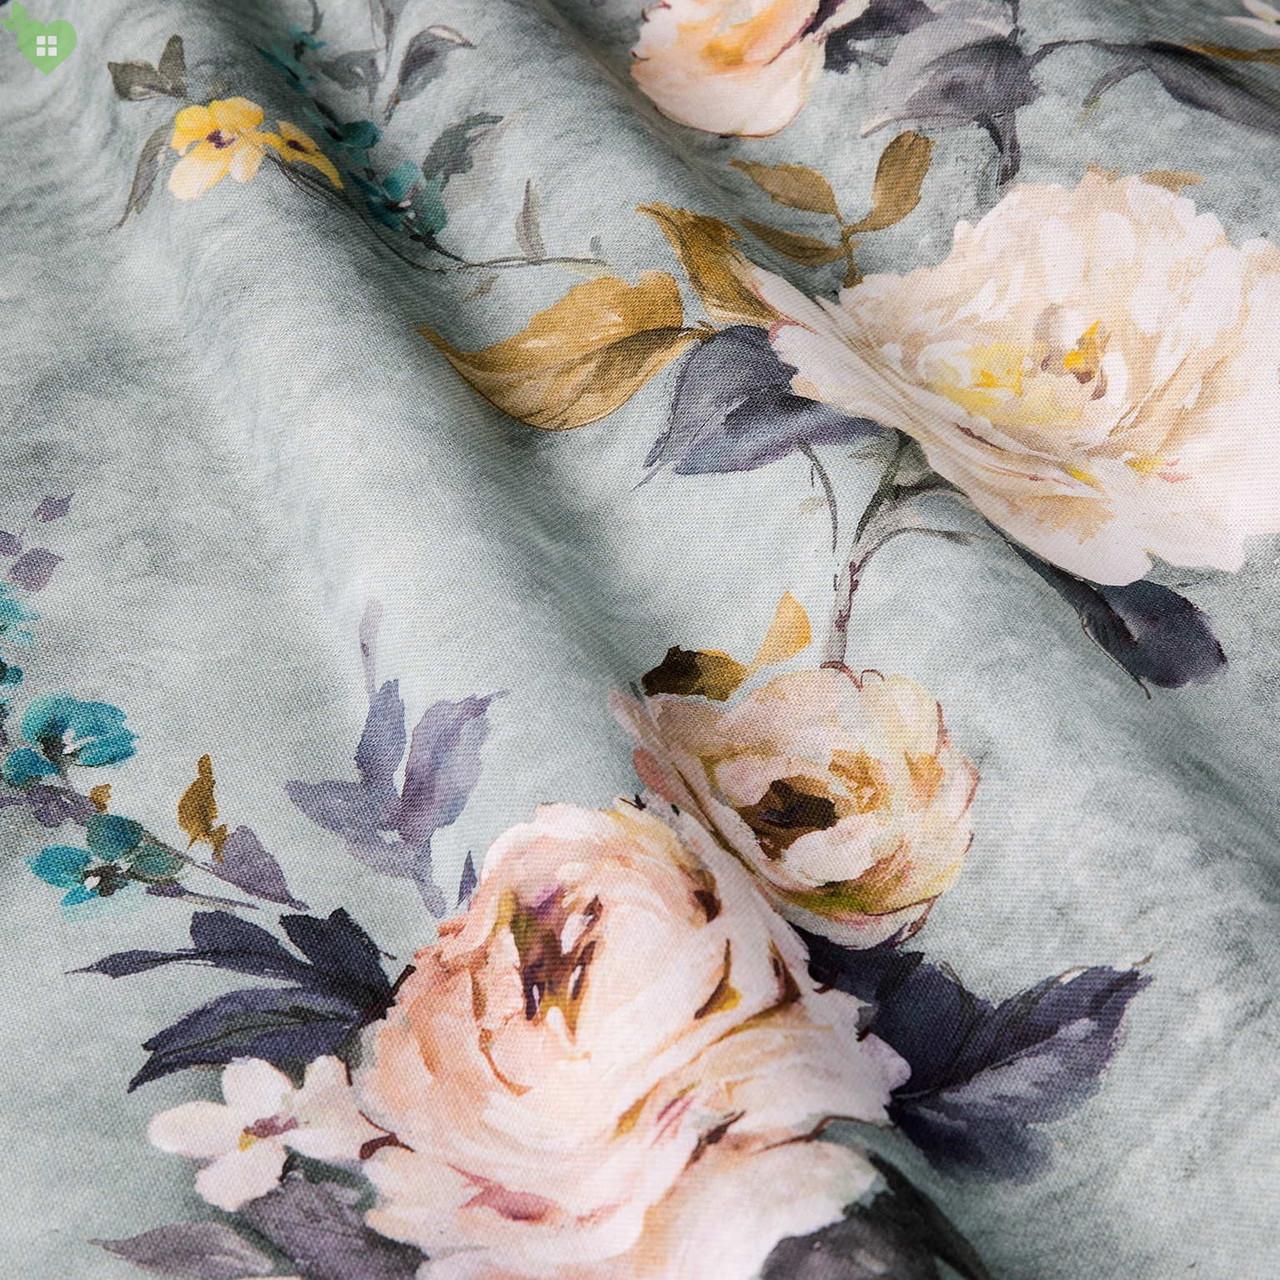 Декоративная ткань с мелкими бутонами розовых и бежевых цветов на голубом фоне Испания 400342v83432v3